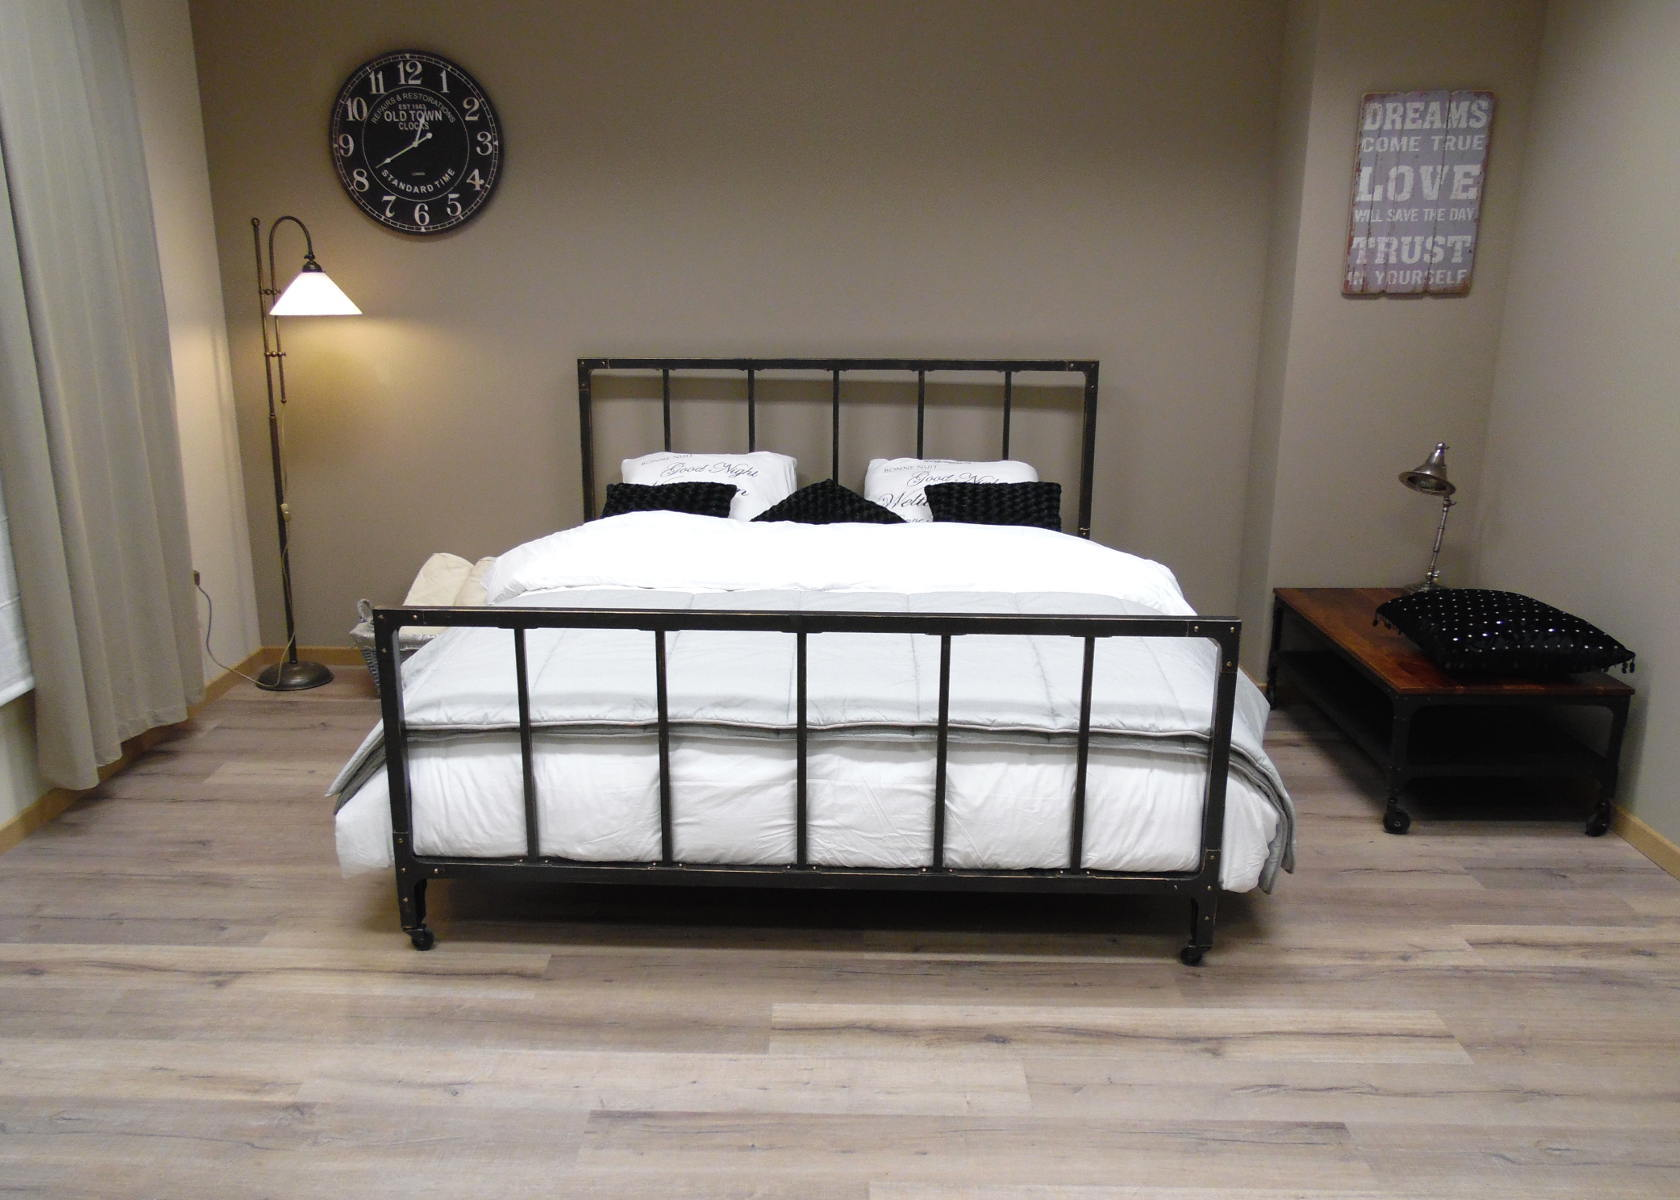 Full Size of Bett Antik Charleroi Industriell Design Metallbettenshop Moebel De Betten 140 X 200 90x200 Weiß 160x200 Kinder Aus Paletten Kaufen Komplett Dänisches Bett Bett Antik